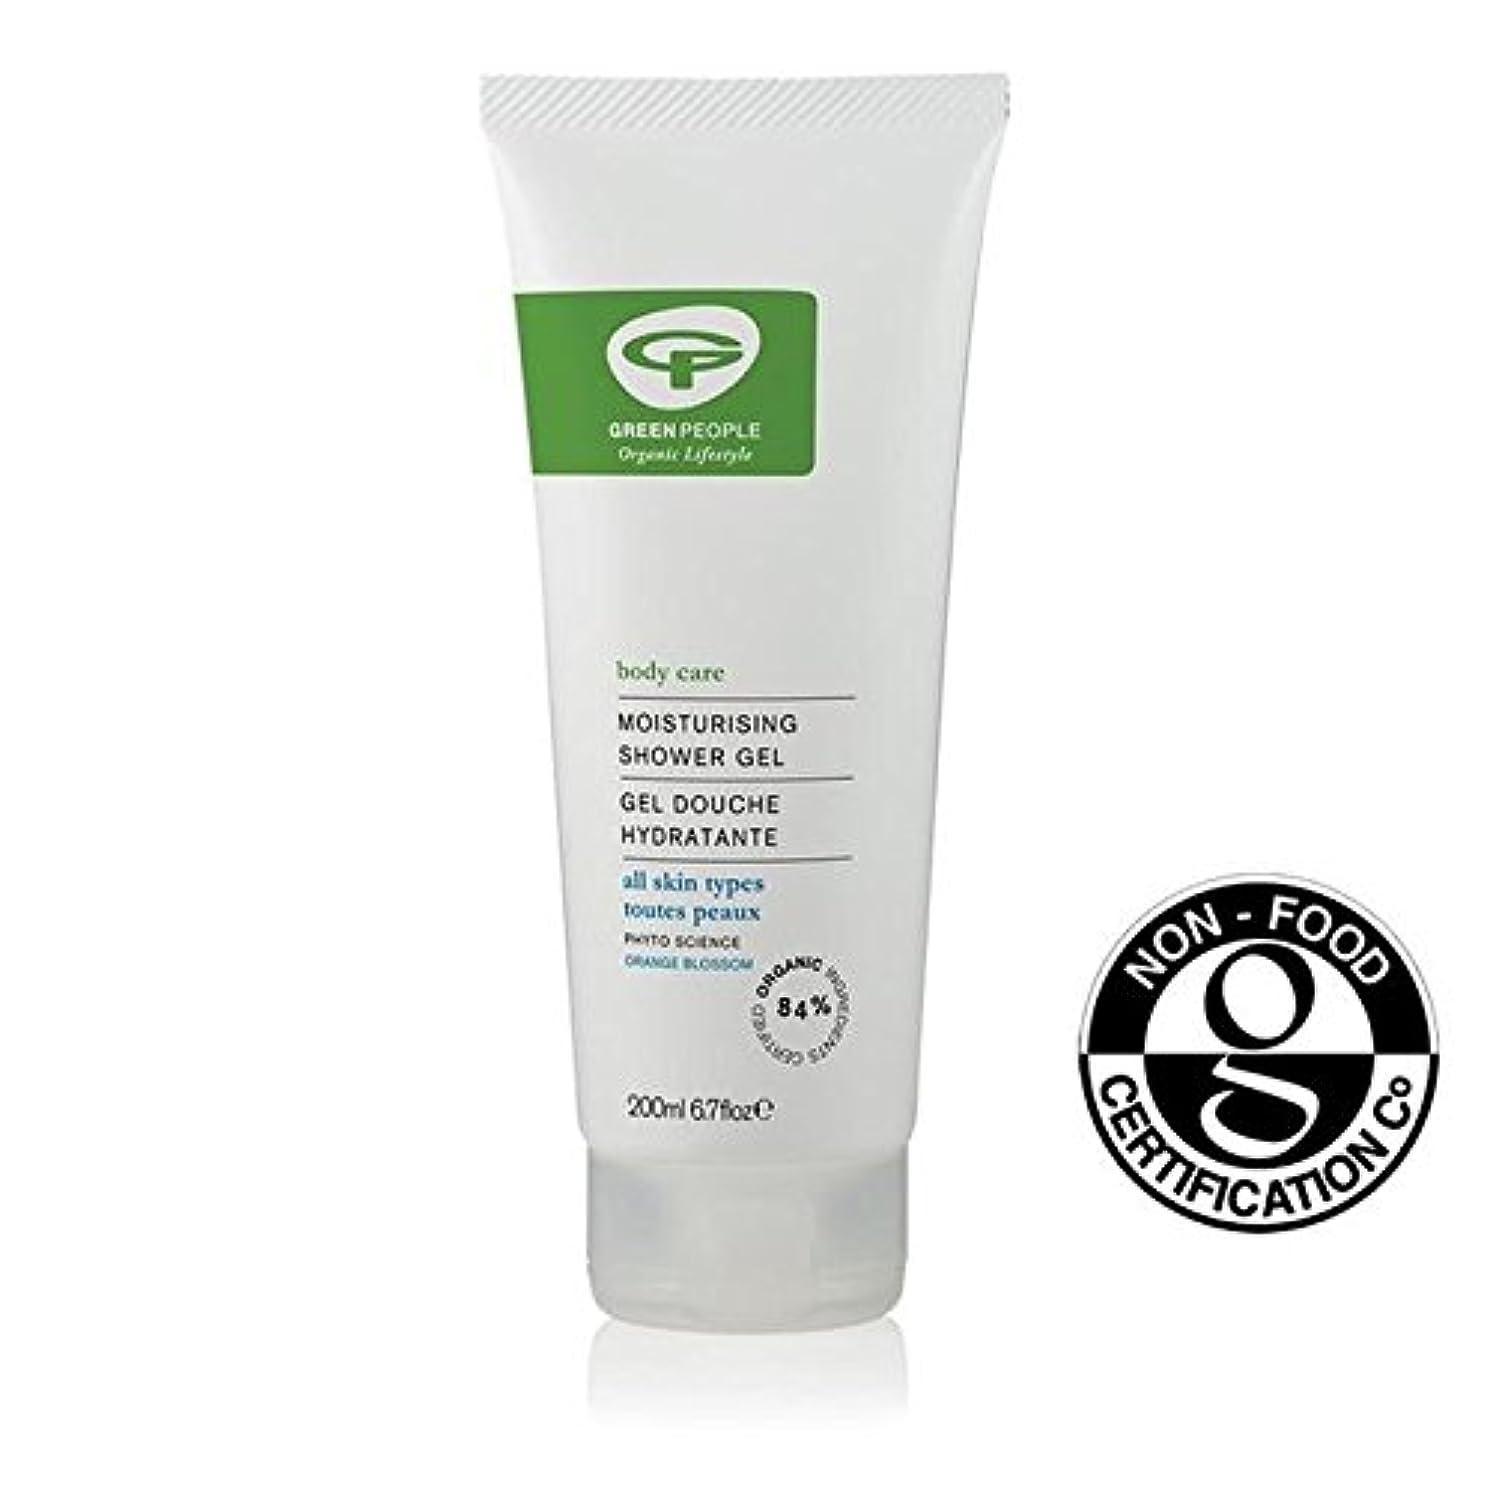 ポップ心理的に戸棚Green People Organic Moisturising Shower Gel 200ml - 緑の人々の有機保湿シャワージェル200 [並行輸入品]